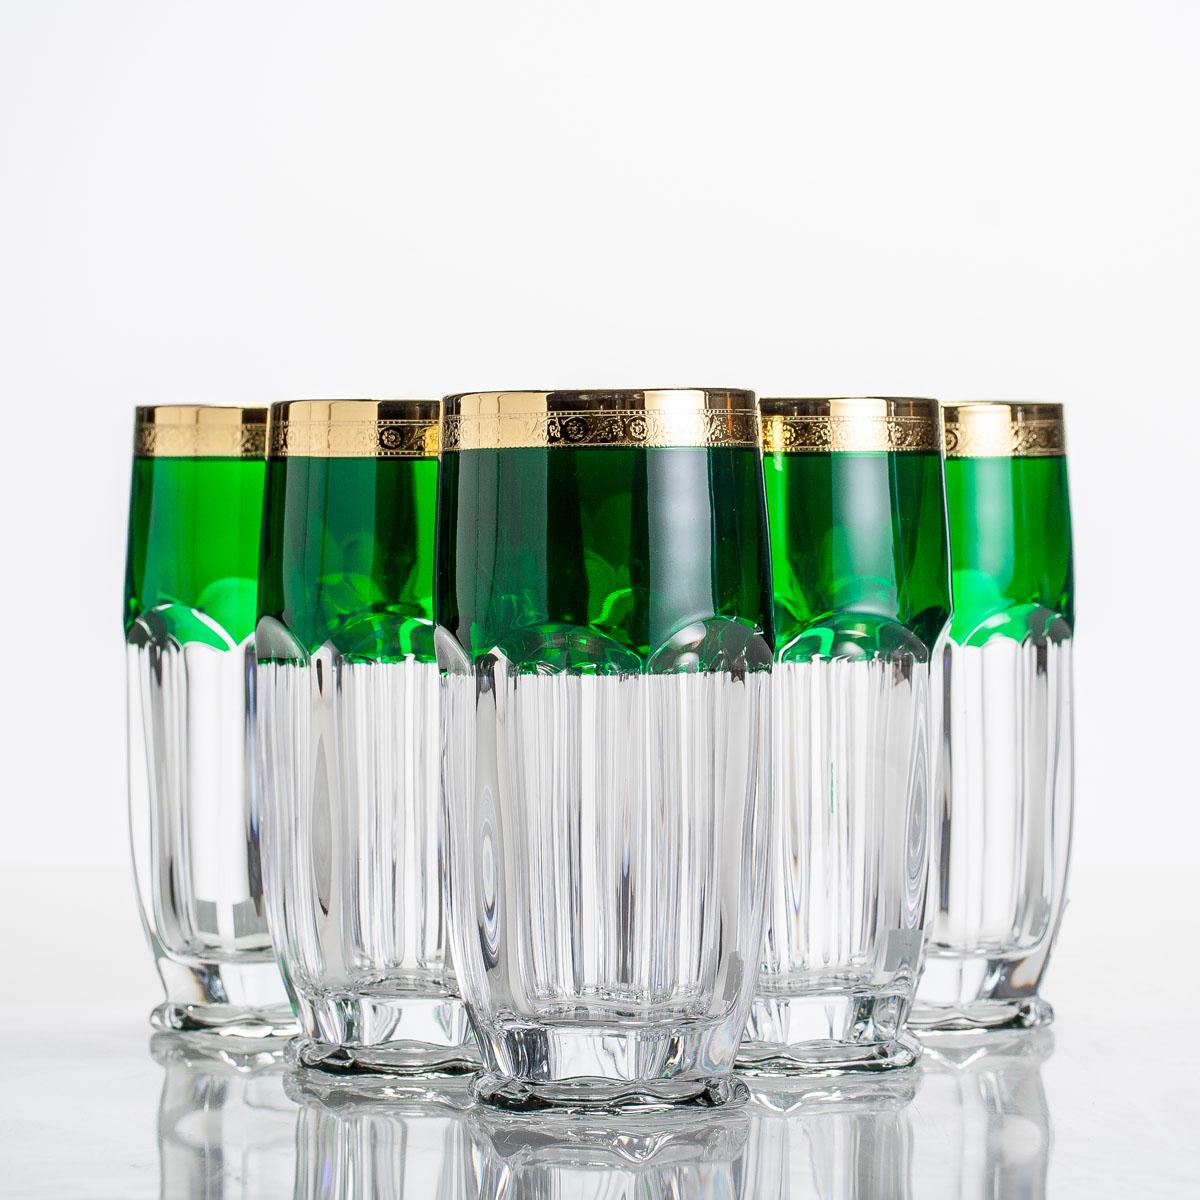 Наб. стаканов вода Сафари 300 млх6шт./432315/ изумруд/золо2KD67K/0/432315/300Наб. стаканов вода Сафари 300 млх6шт./432315/ изумруд/золо Материал: стекло